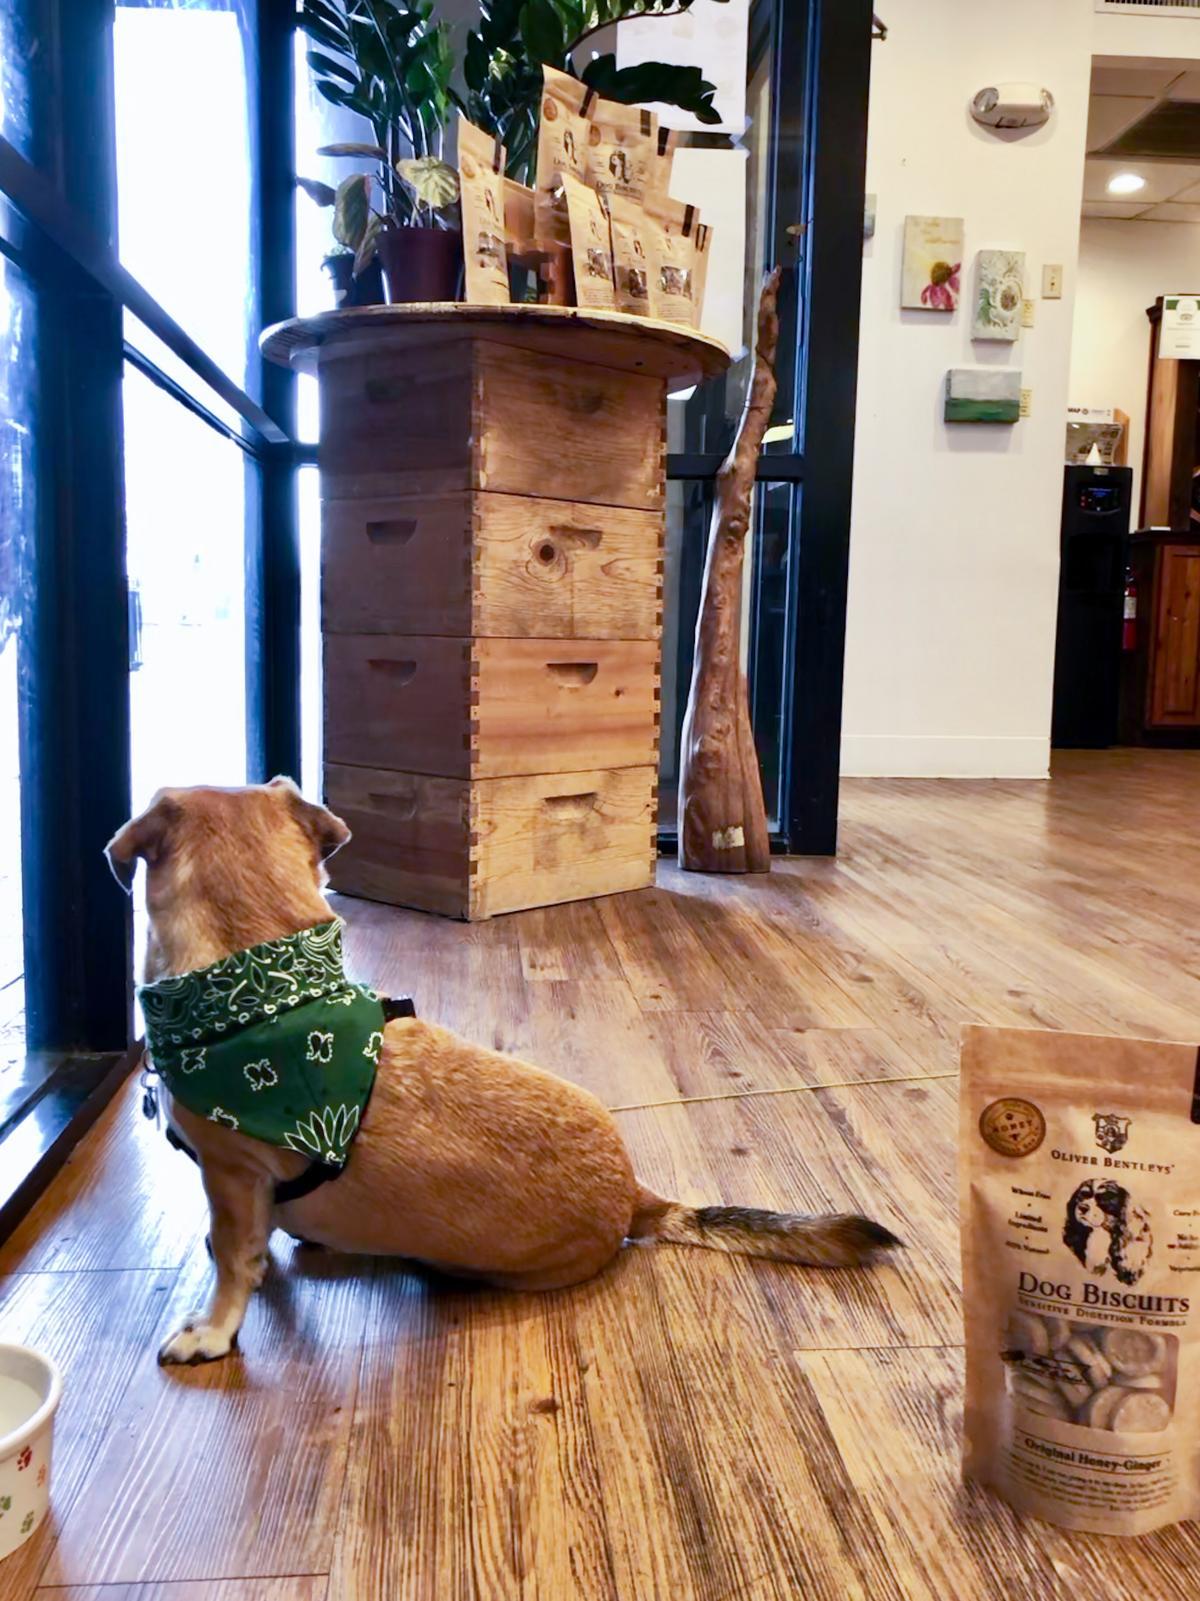 A dog visits Savannah Bee Company.